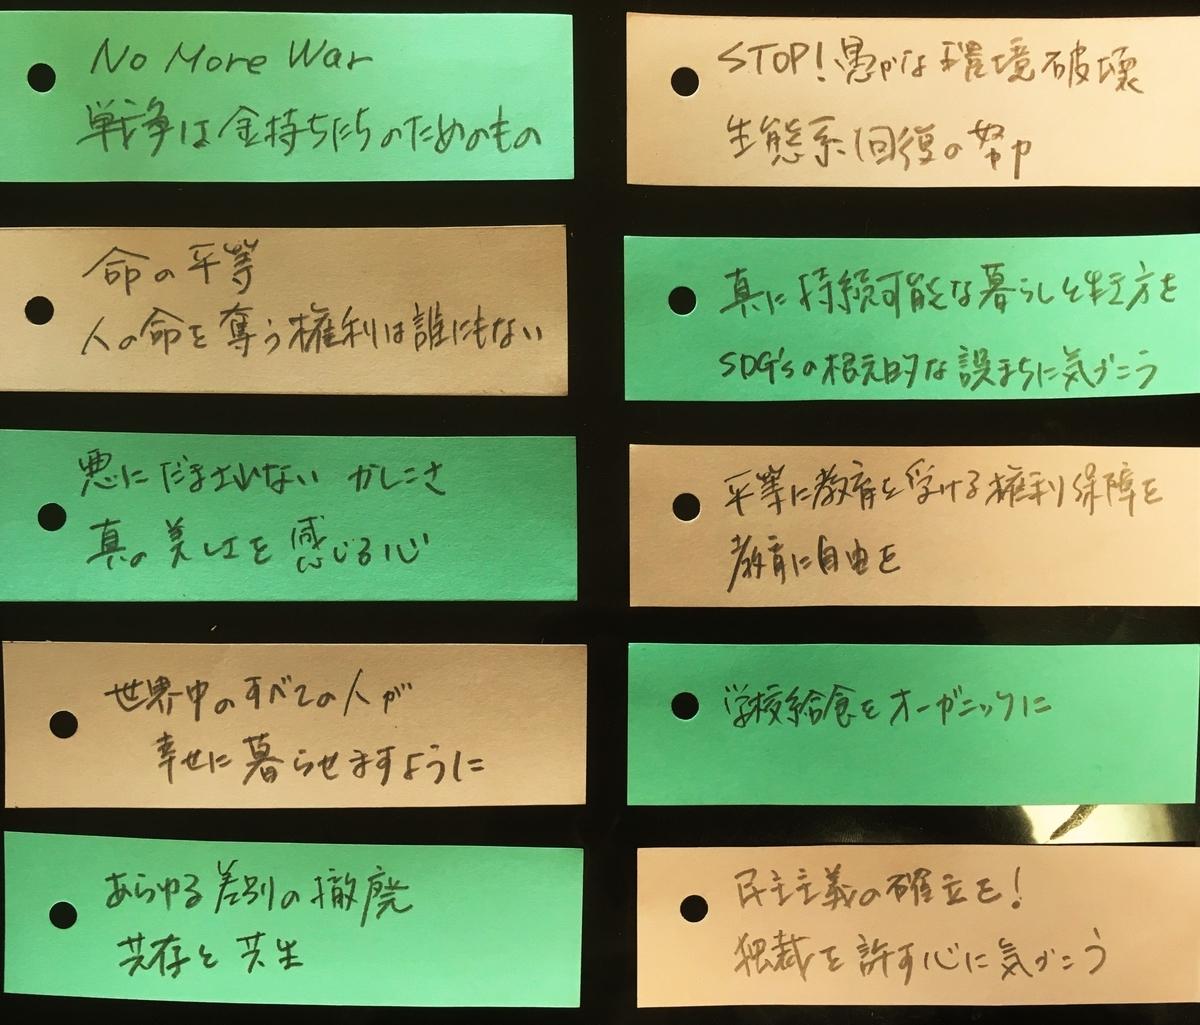 f:id:kasikorera2017:20210708230116j:plain